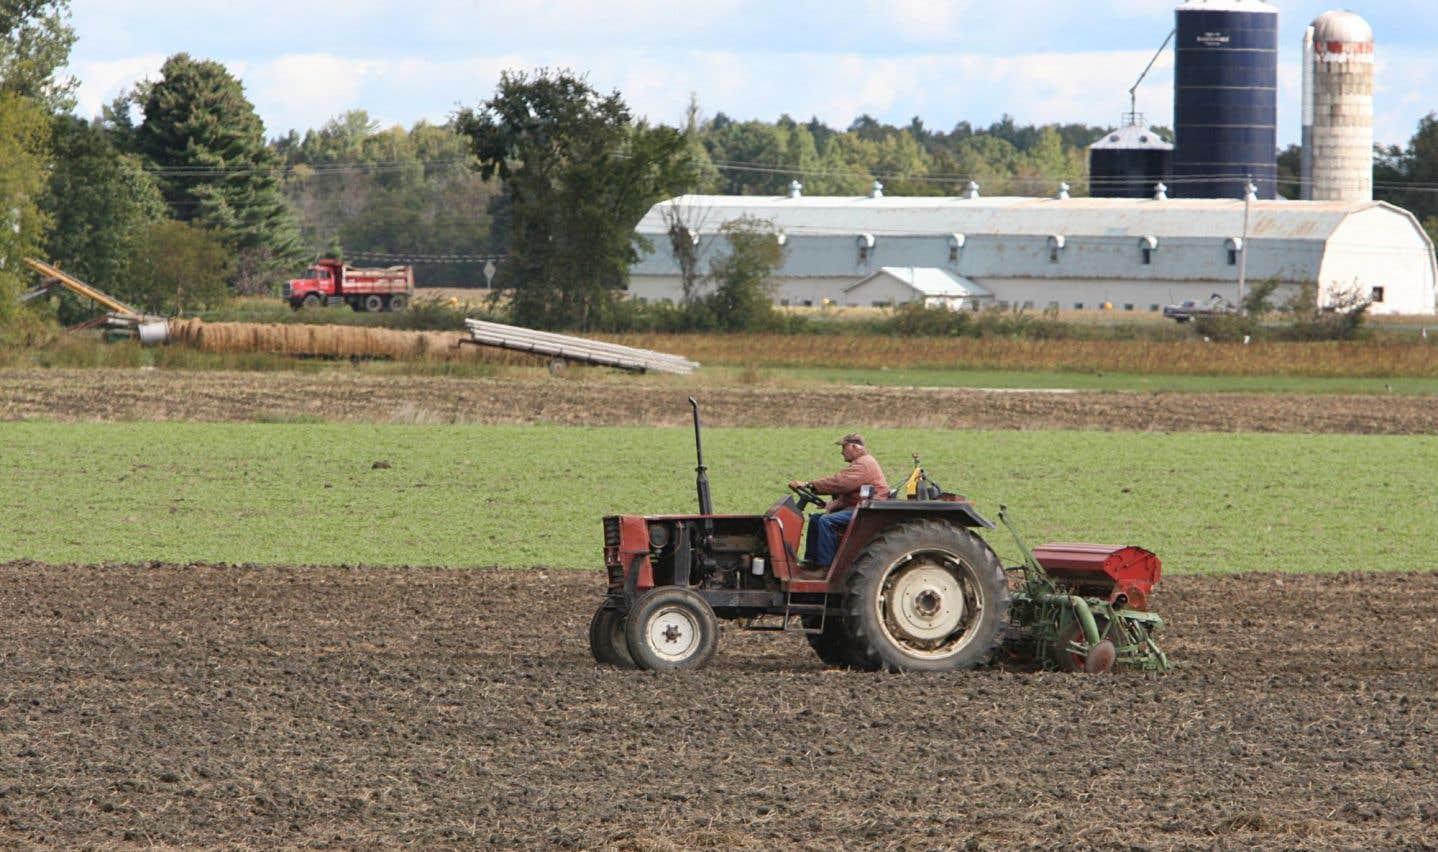 Québec veut agir sans prendre avis en matière de zonage agricole